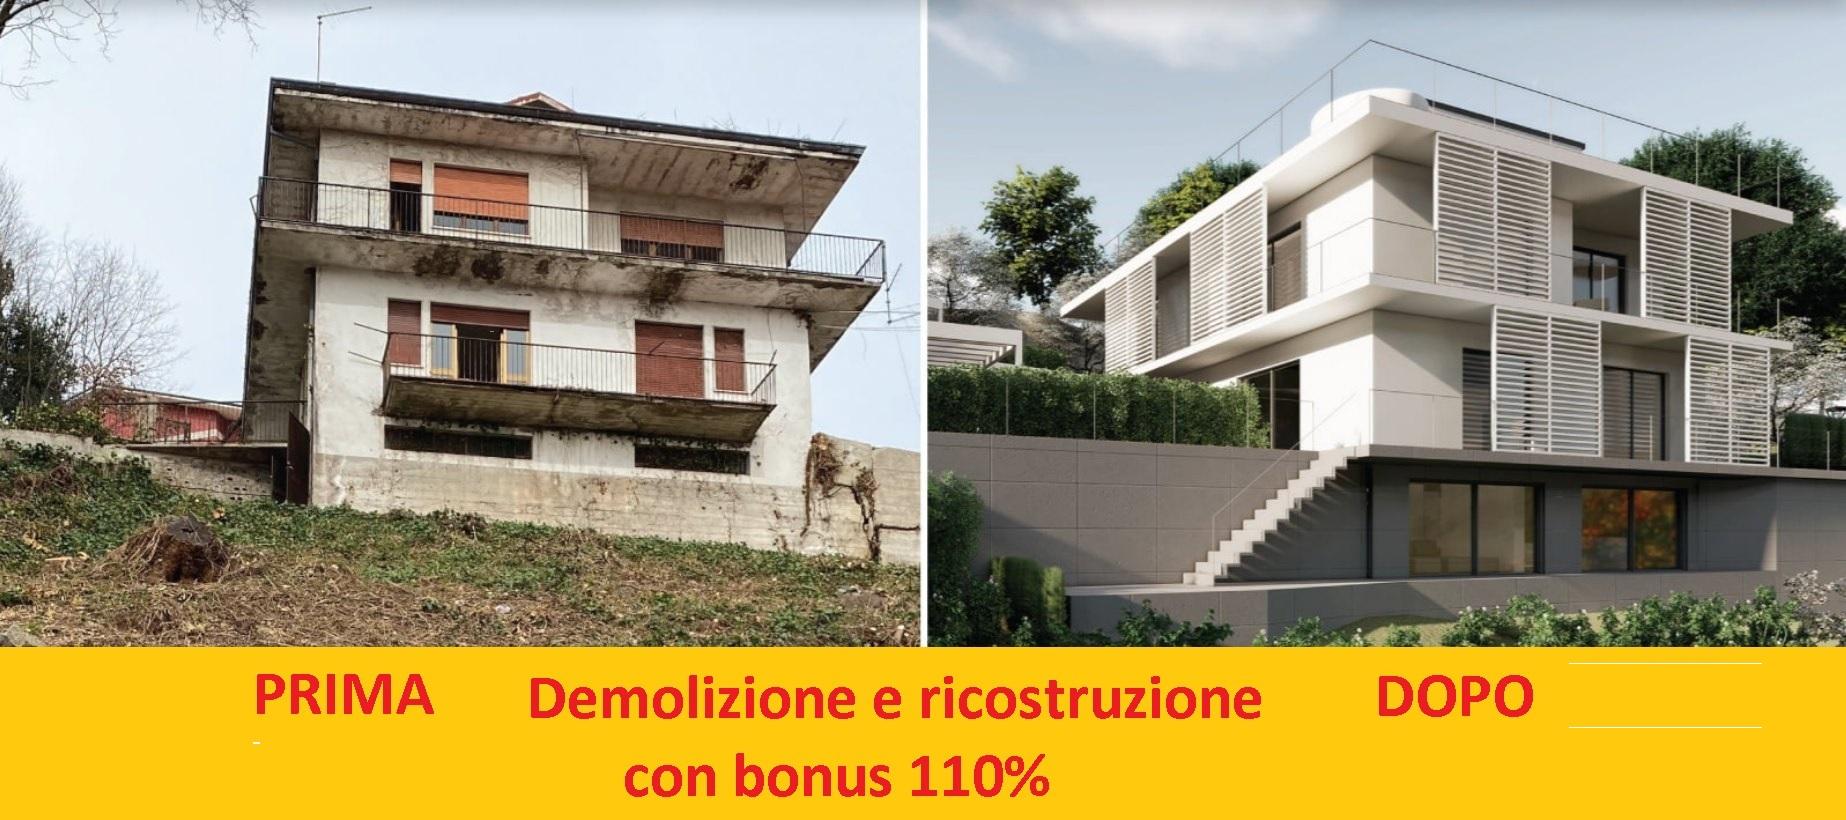 """superbonus-110%-demolizione-e-ricostruzione:-sfatiamo-il-mito-del-""""e'-tutto-gratis"""""""